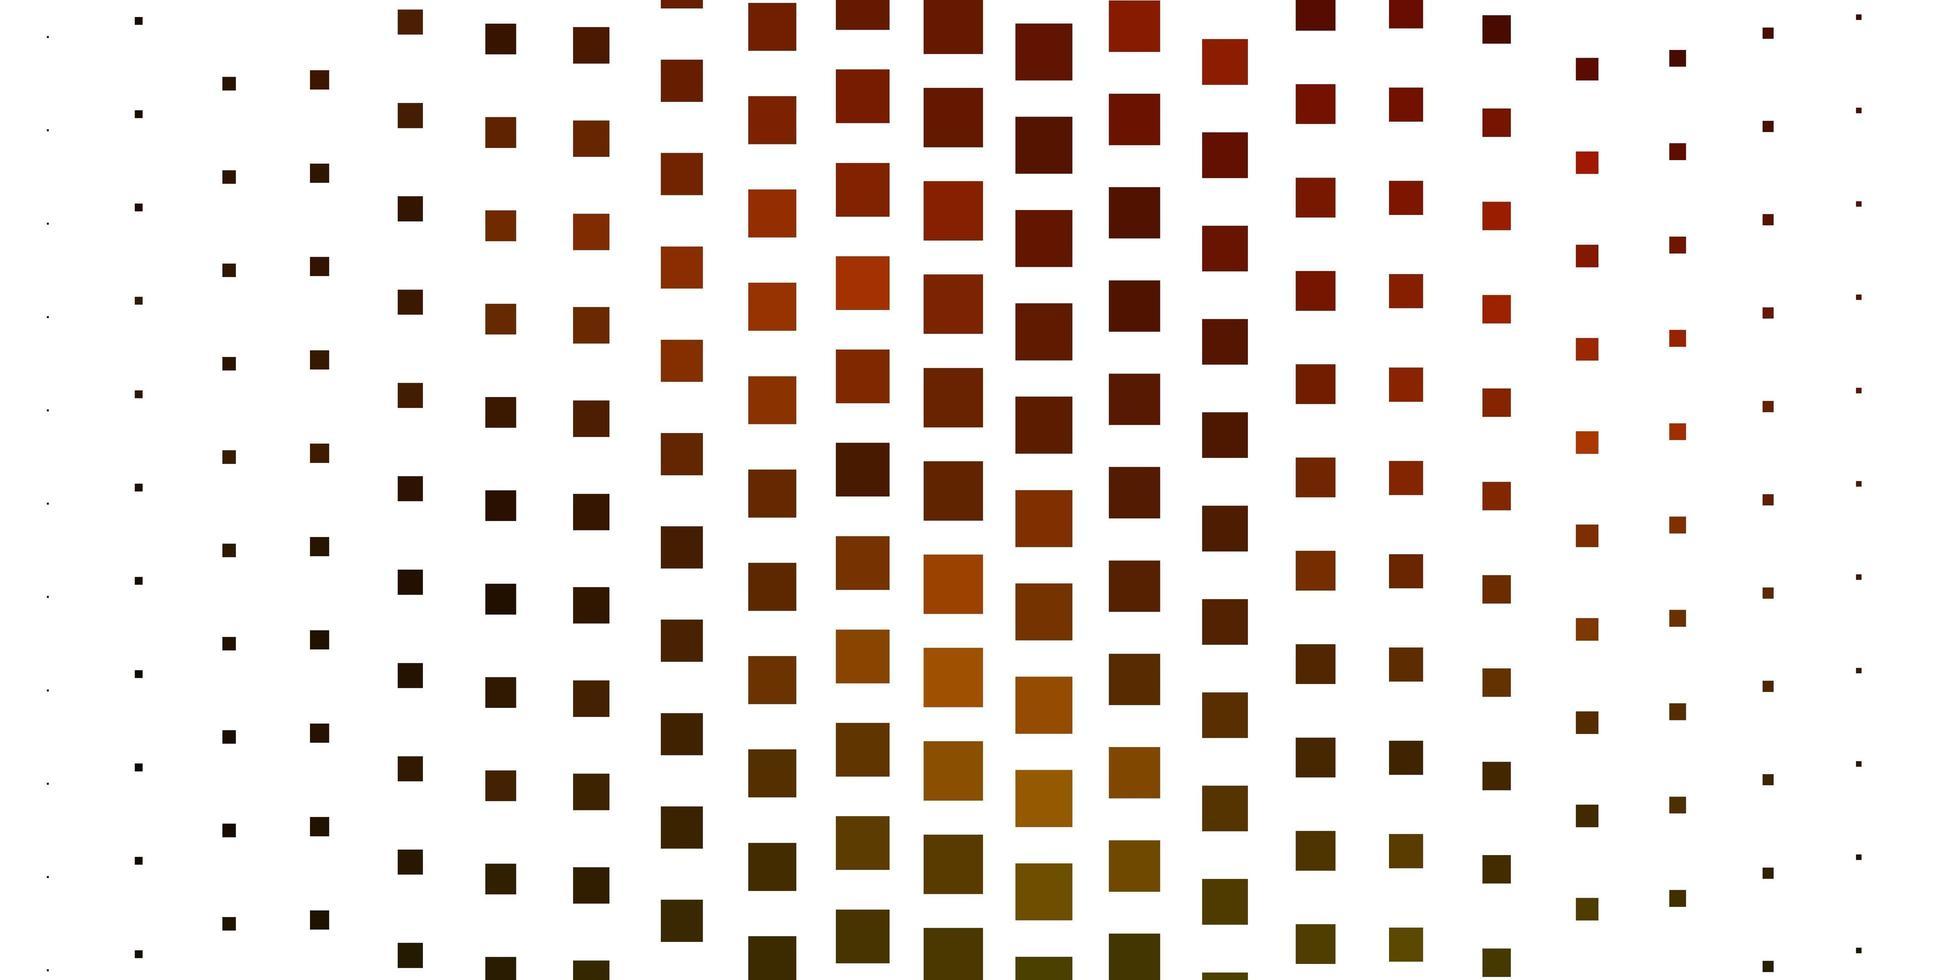 dunkelroter Hintergrund mit Quadraten. vektor